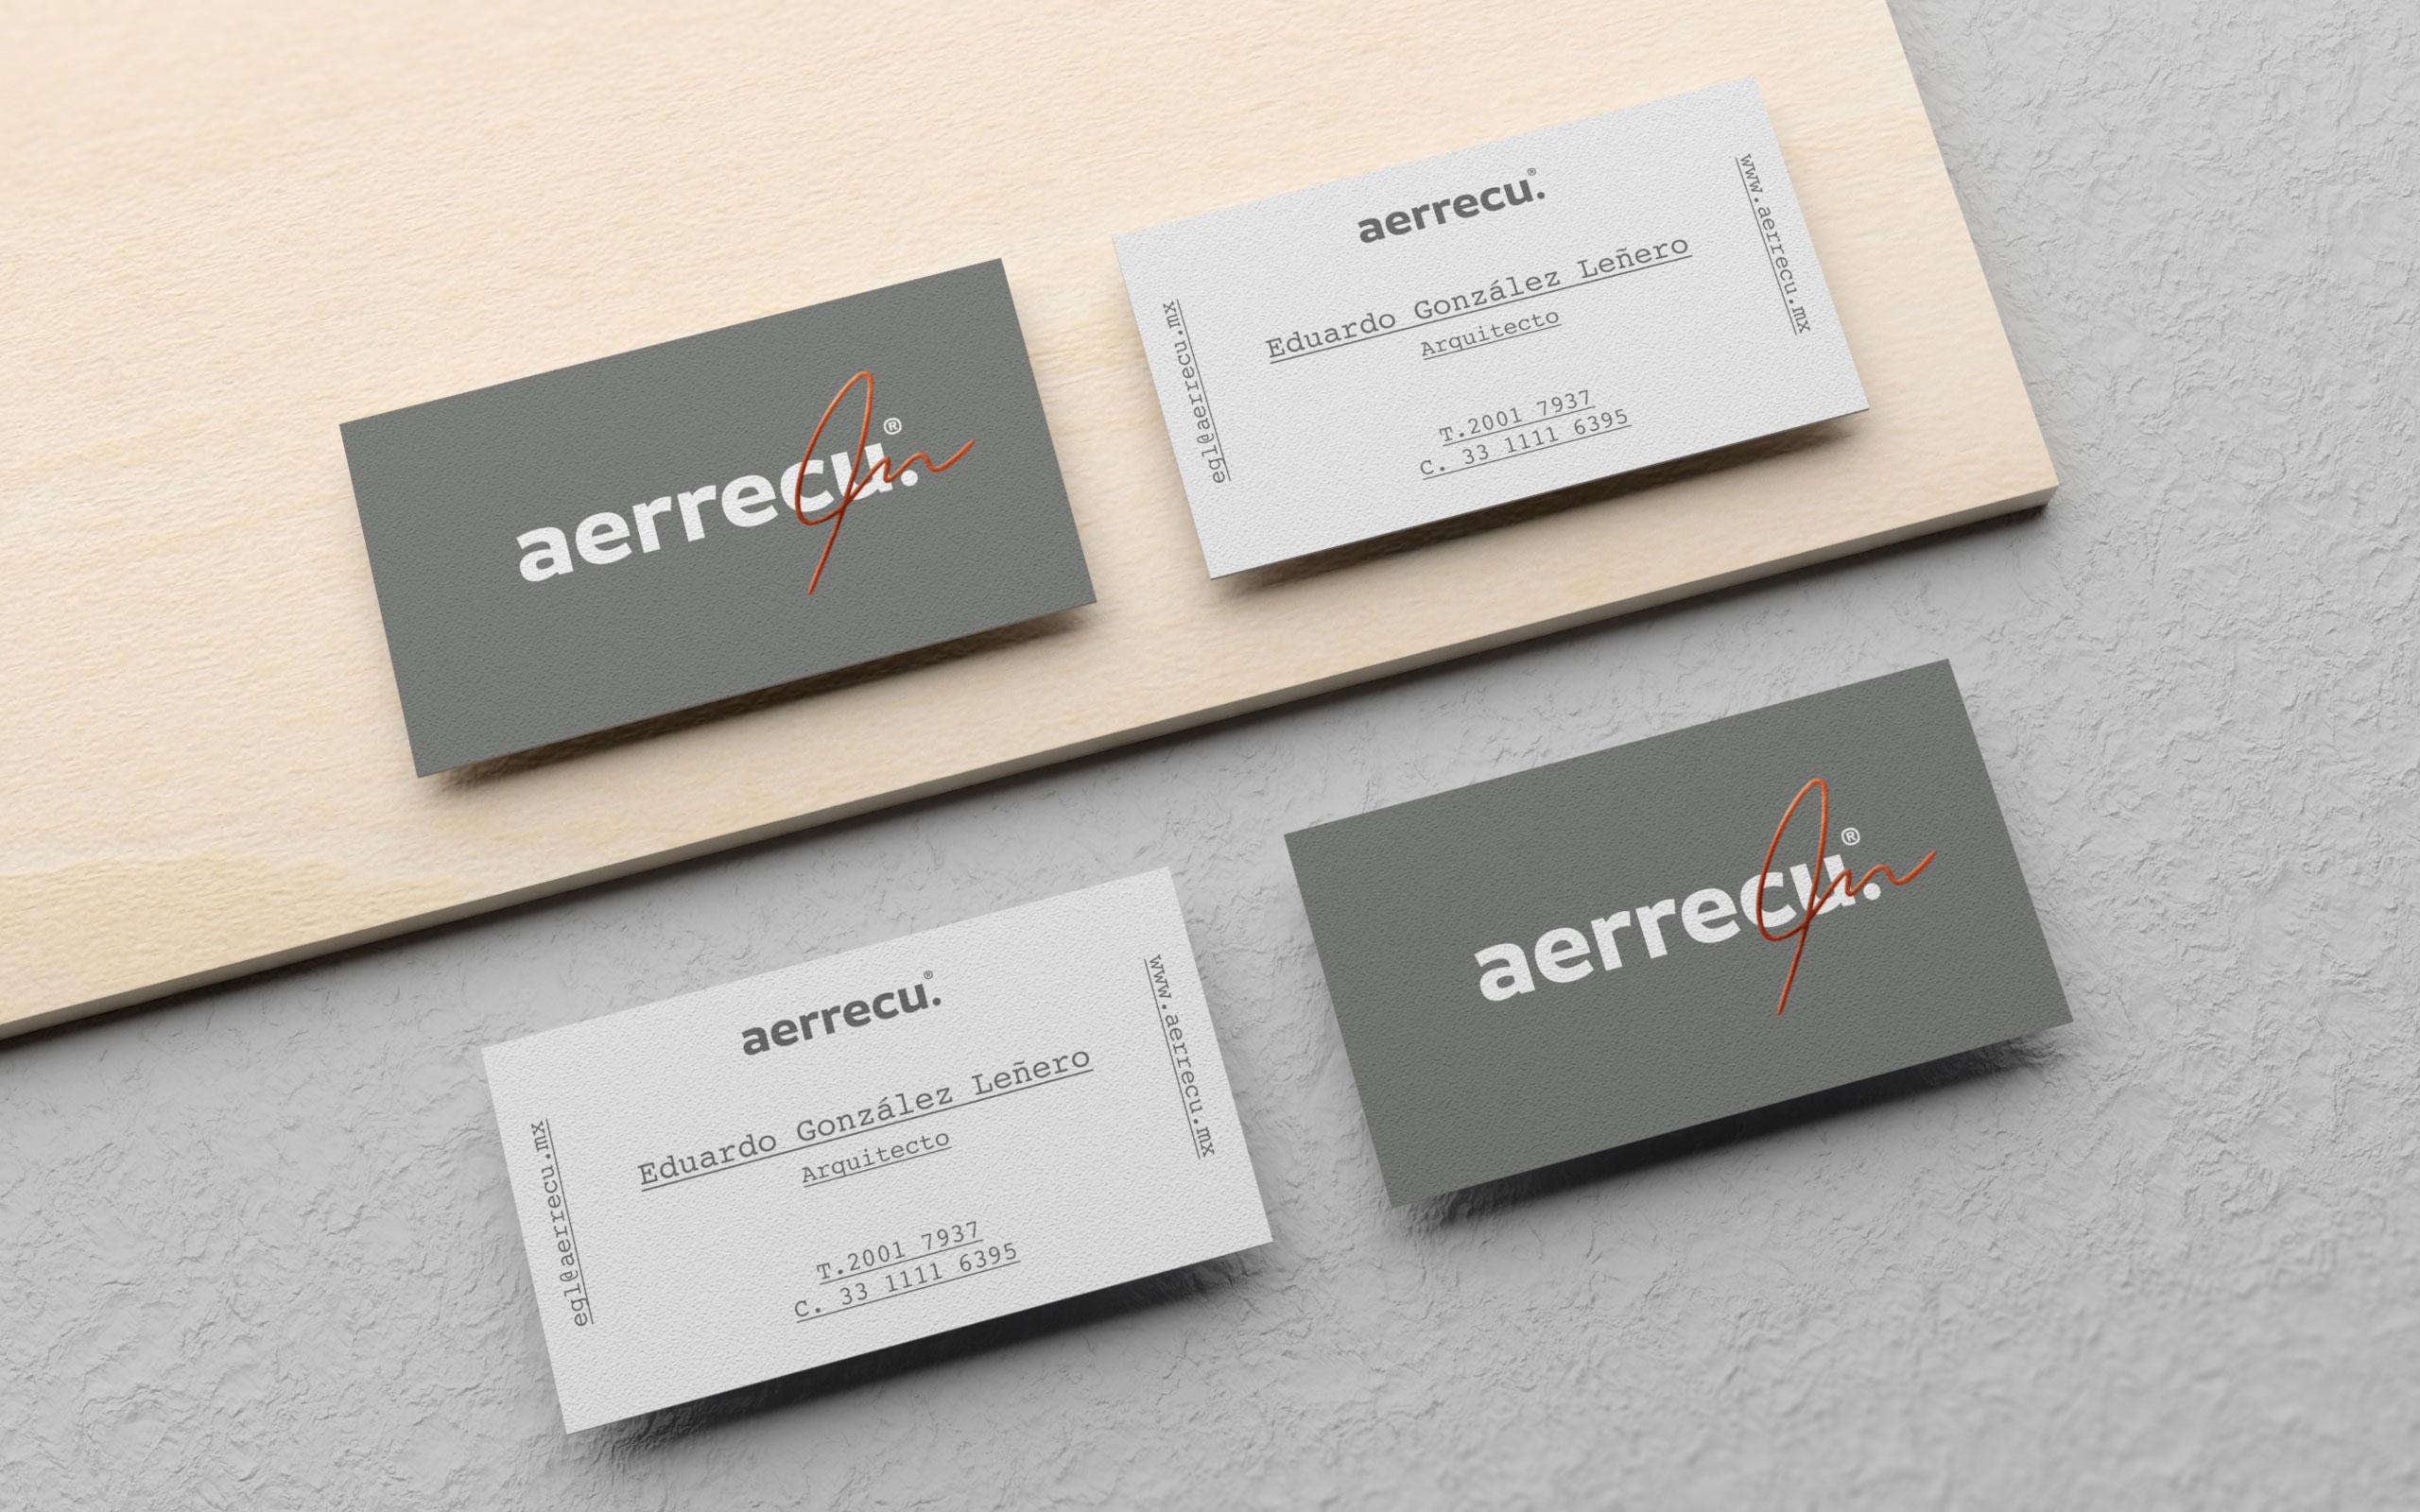 aerrecu-01